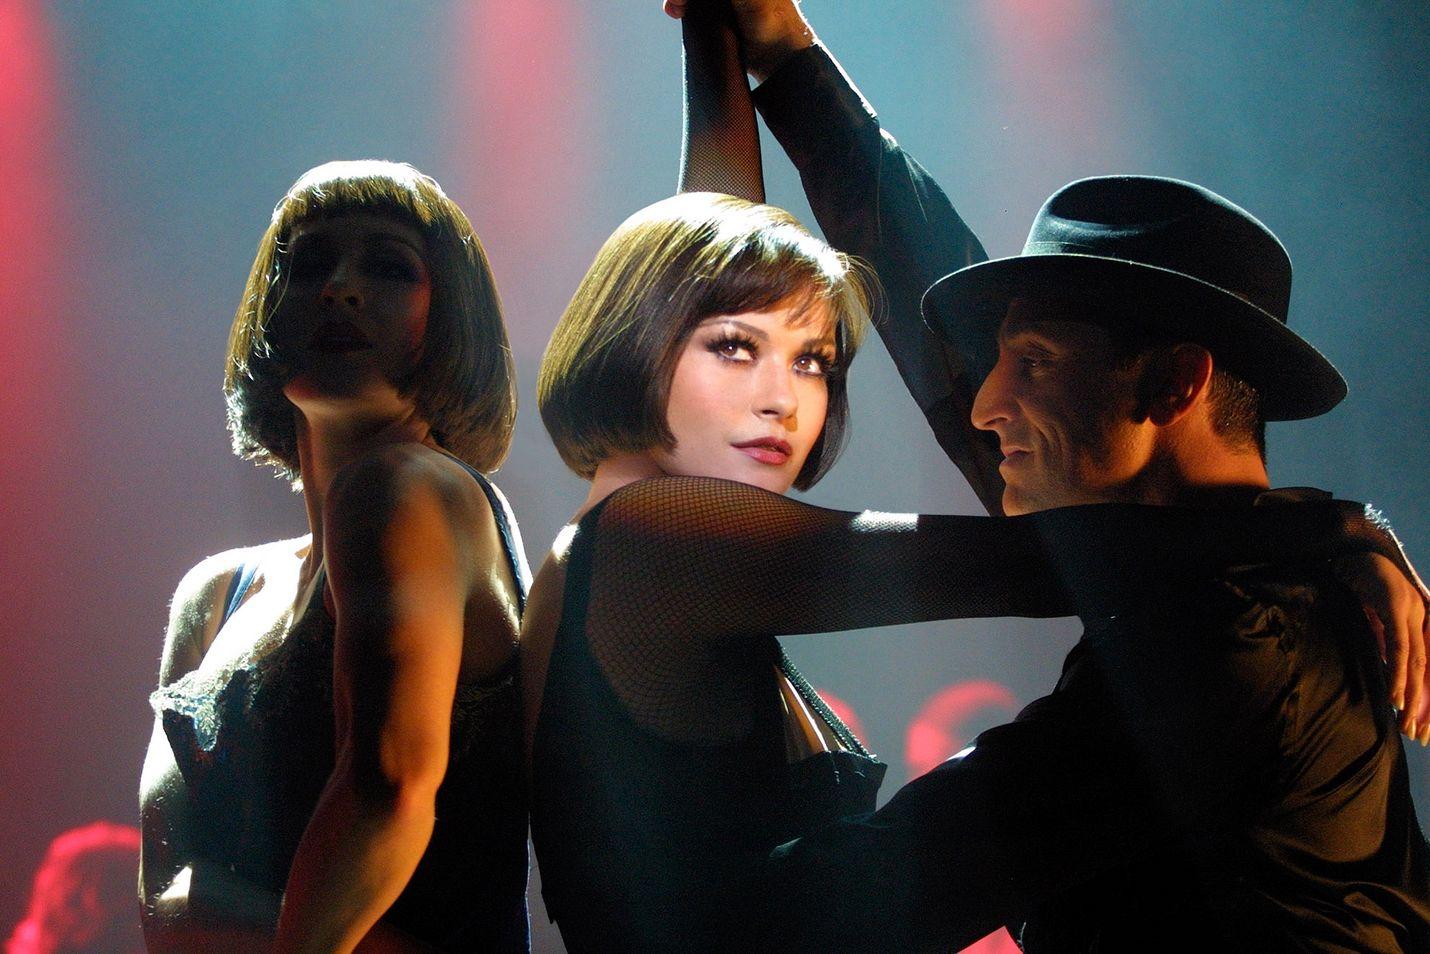 Kuuden Oscarin menestysmusikaali kertoo kahden naisen rikoksista ja rakkauksista räiskyvässä 1920-luvun Chicagossa. Pääosissa ovat Renée Zellweger ja Catherine Zeta-Jones.